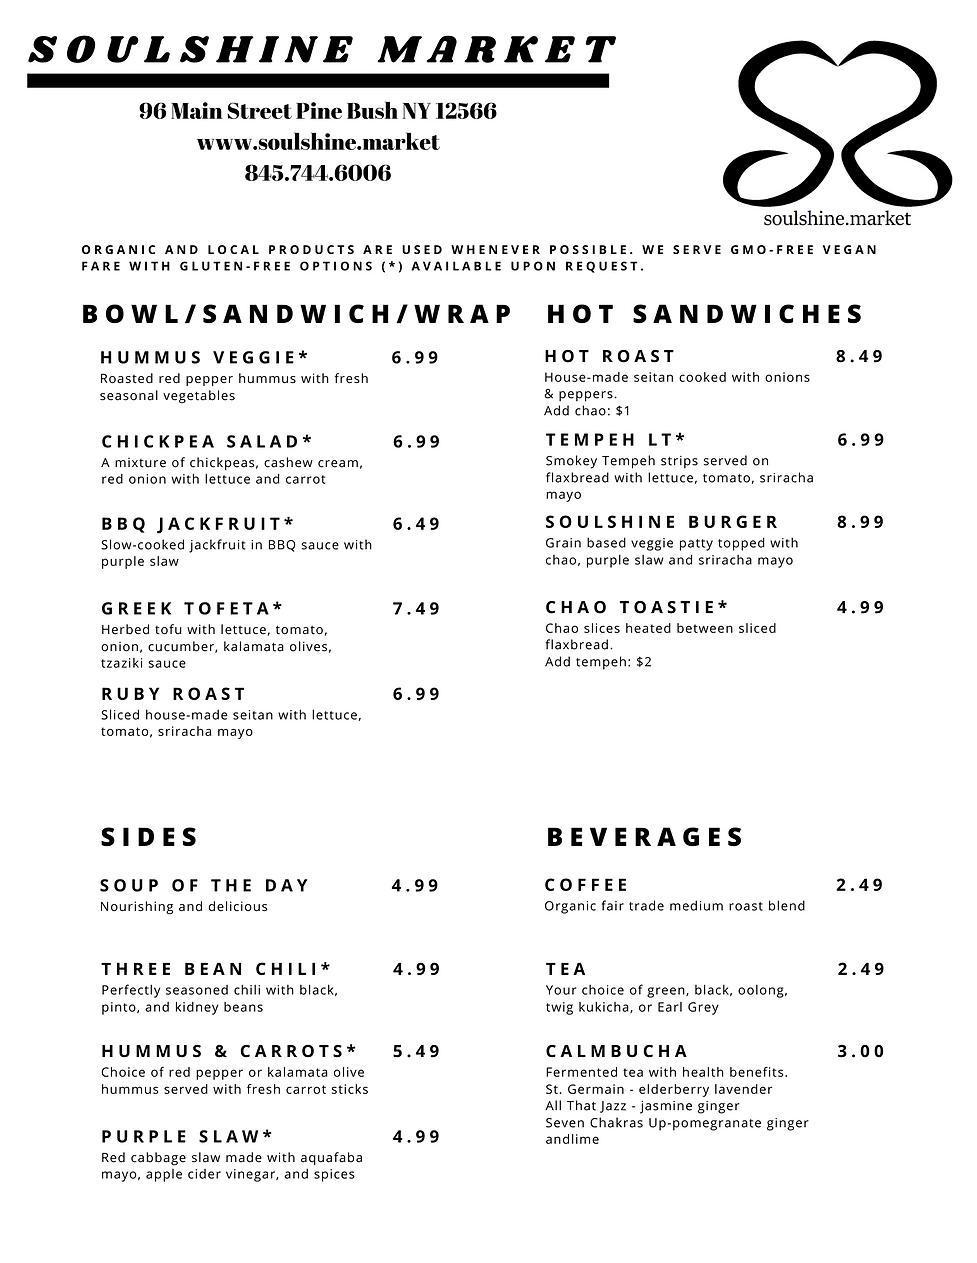 Sandwich_Wrap_bowl.png